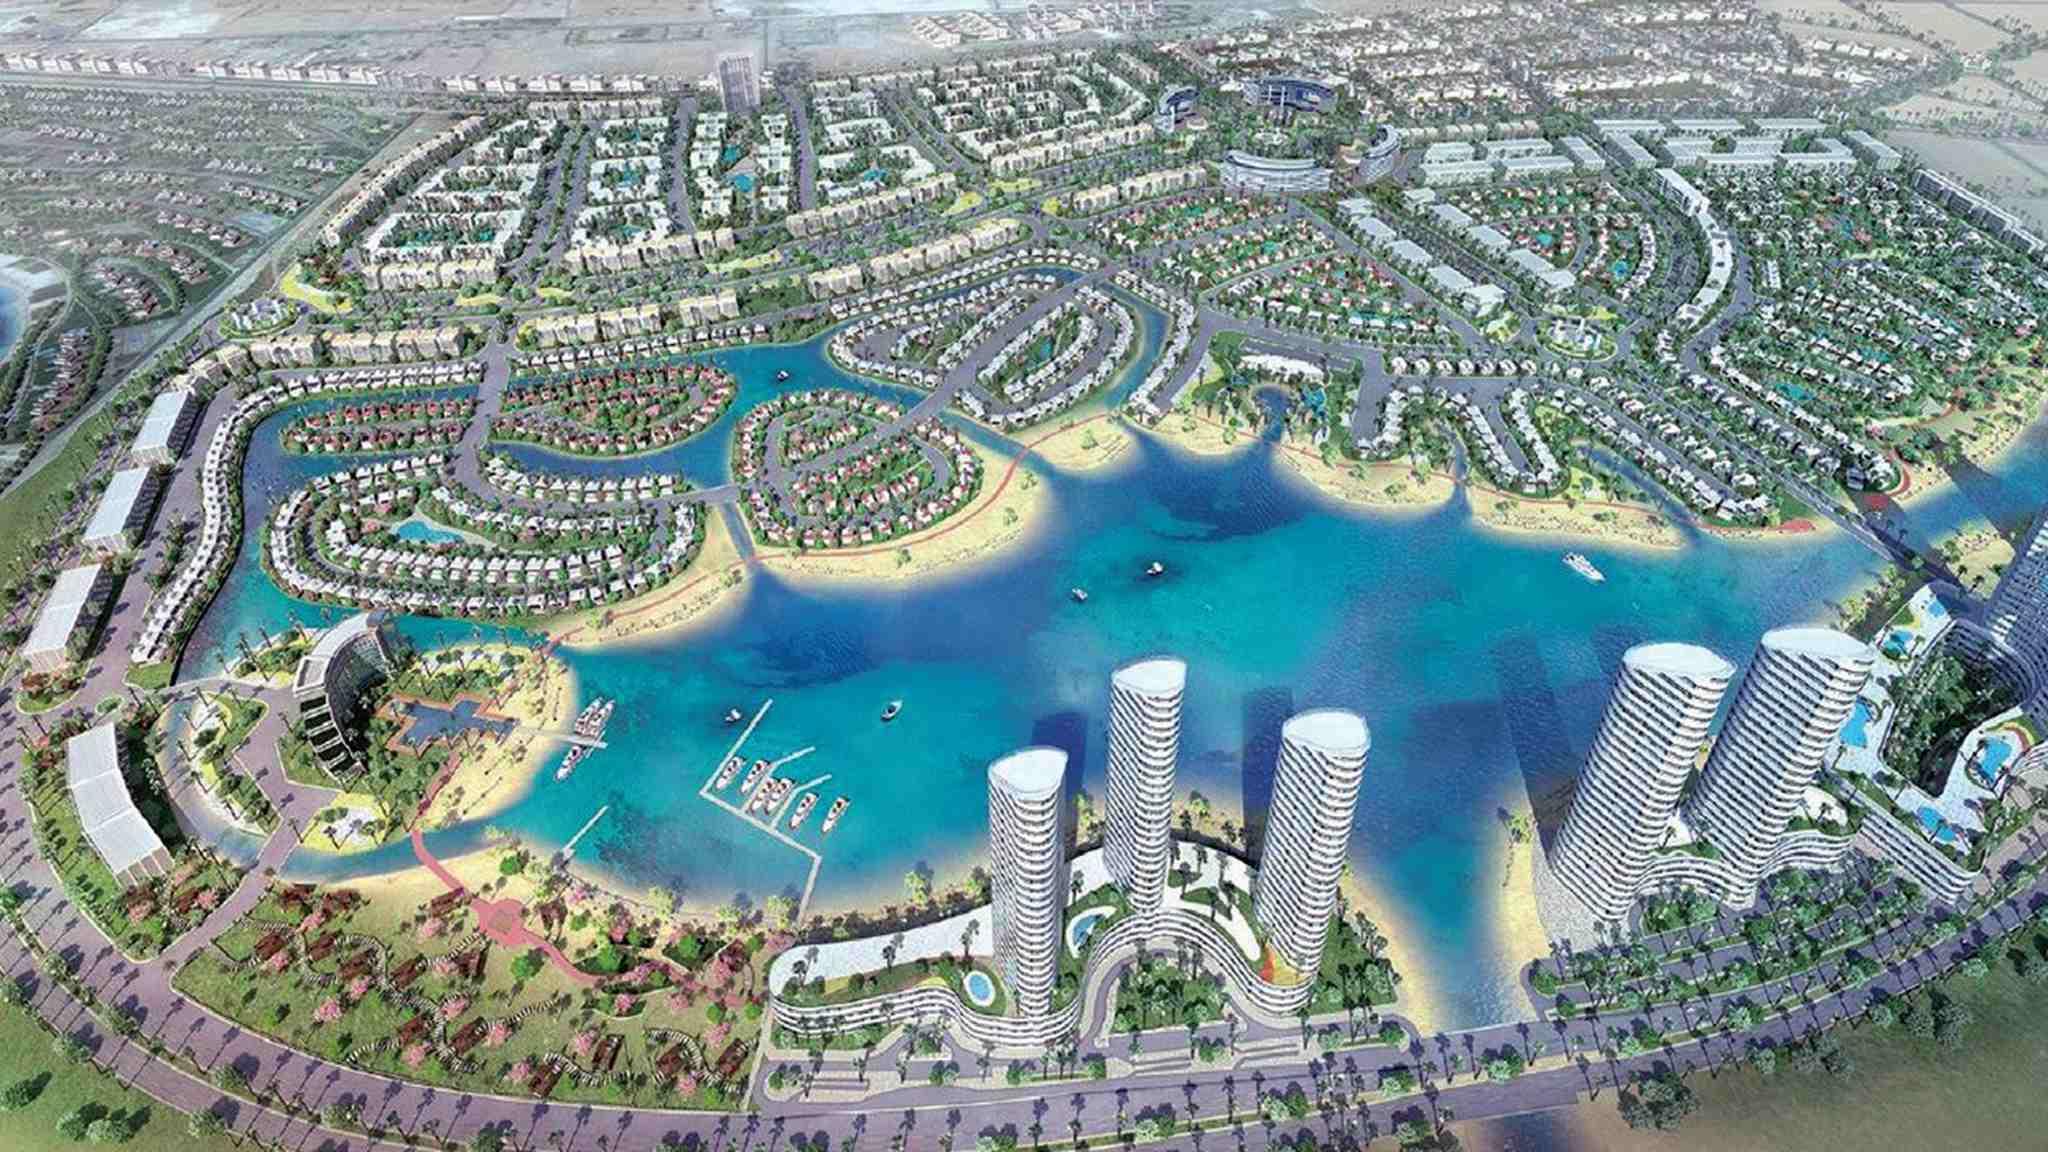 المدن الذكية بمصر - مدينة العلمين الجديدة